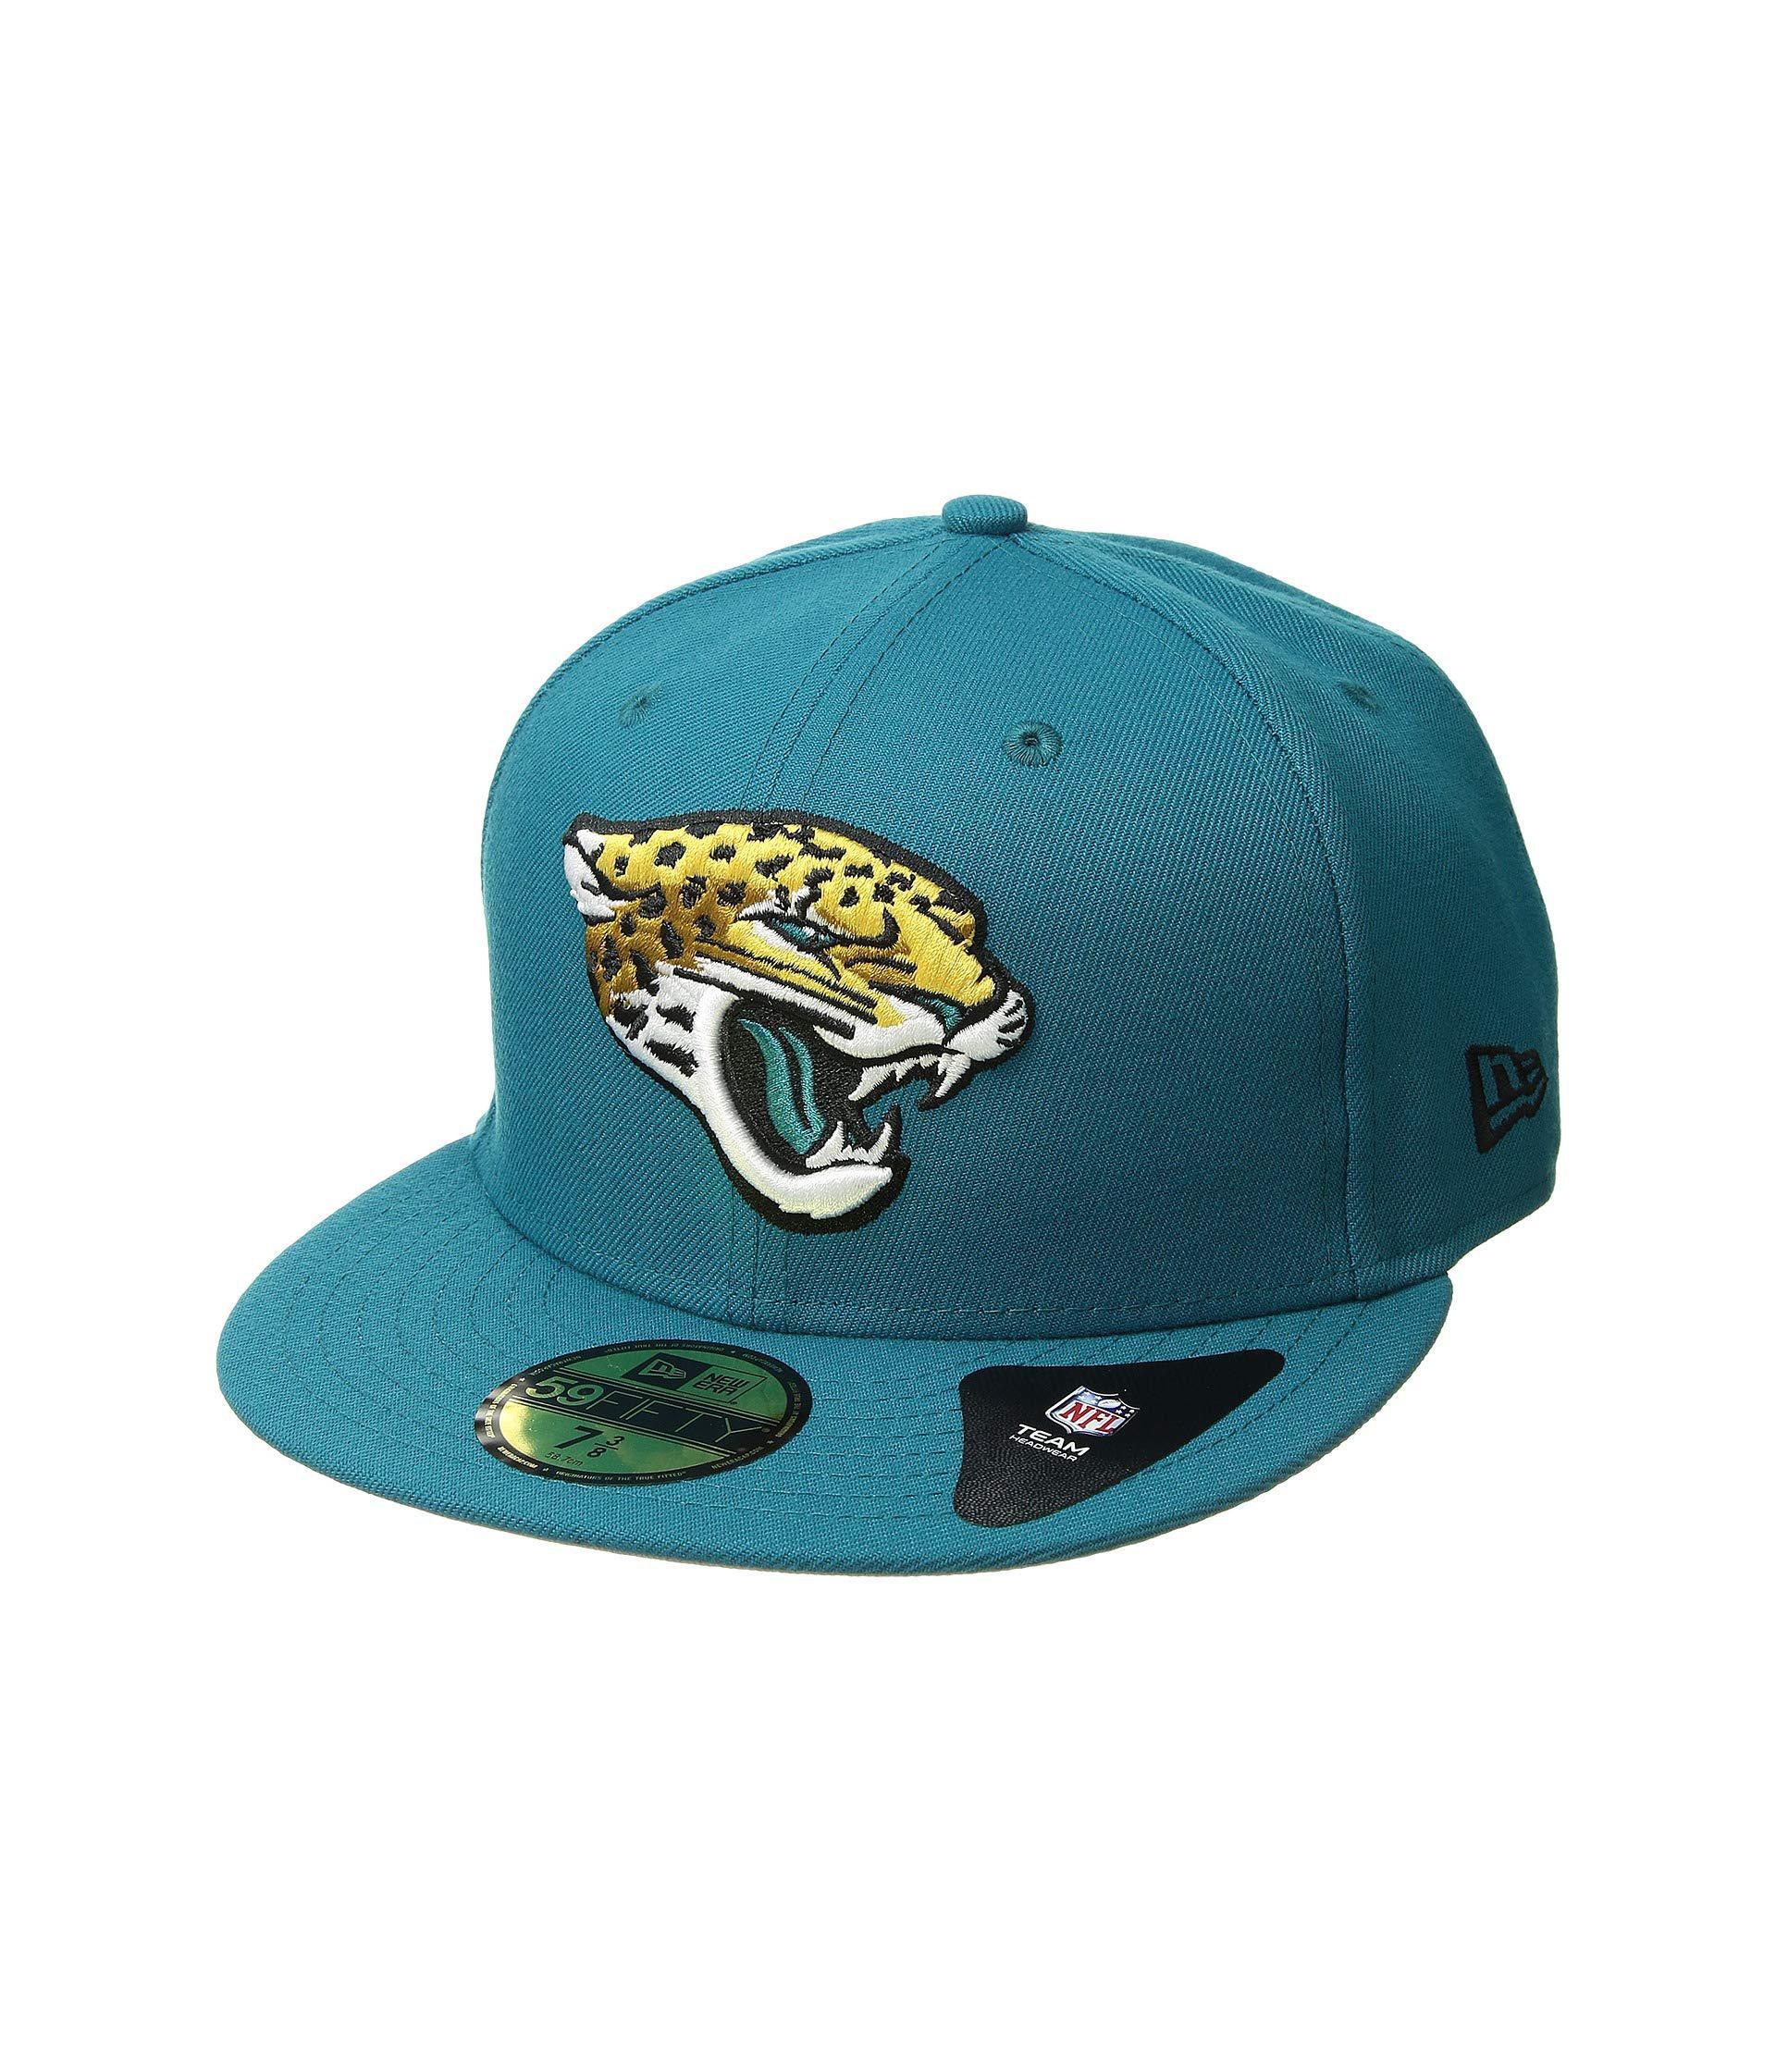 Lyst - KTZ 5950 Nfl Basic Jacksonville Jaguars (team Color) Baseball ... e87cbdd18